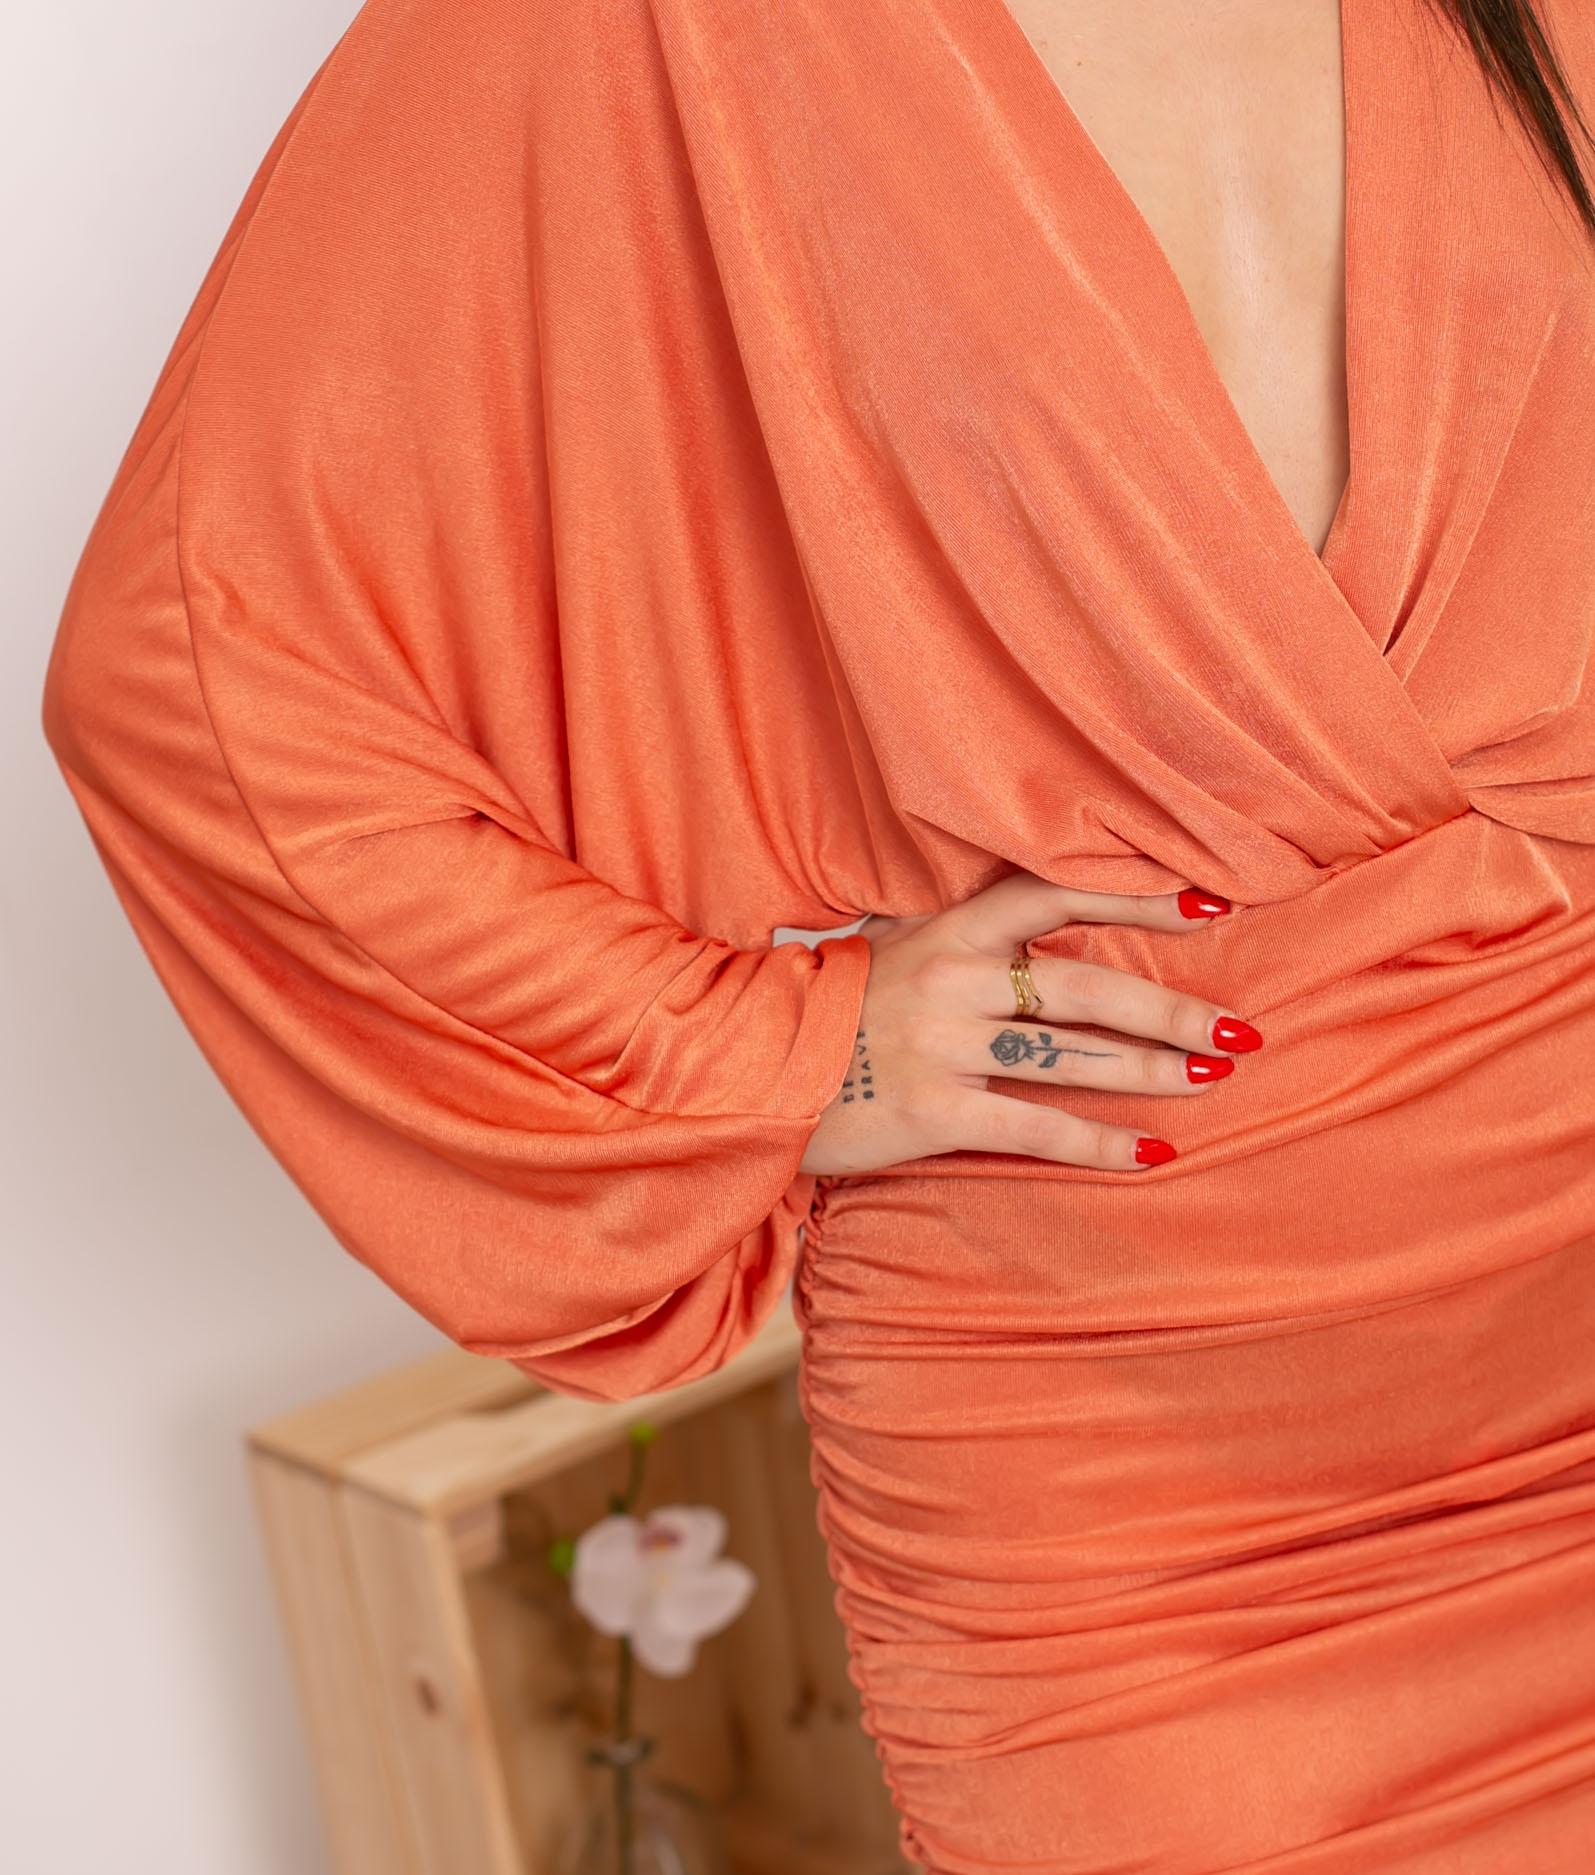 Vestido Yalim - Laranja